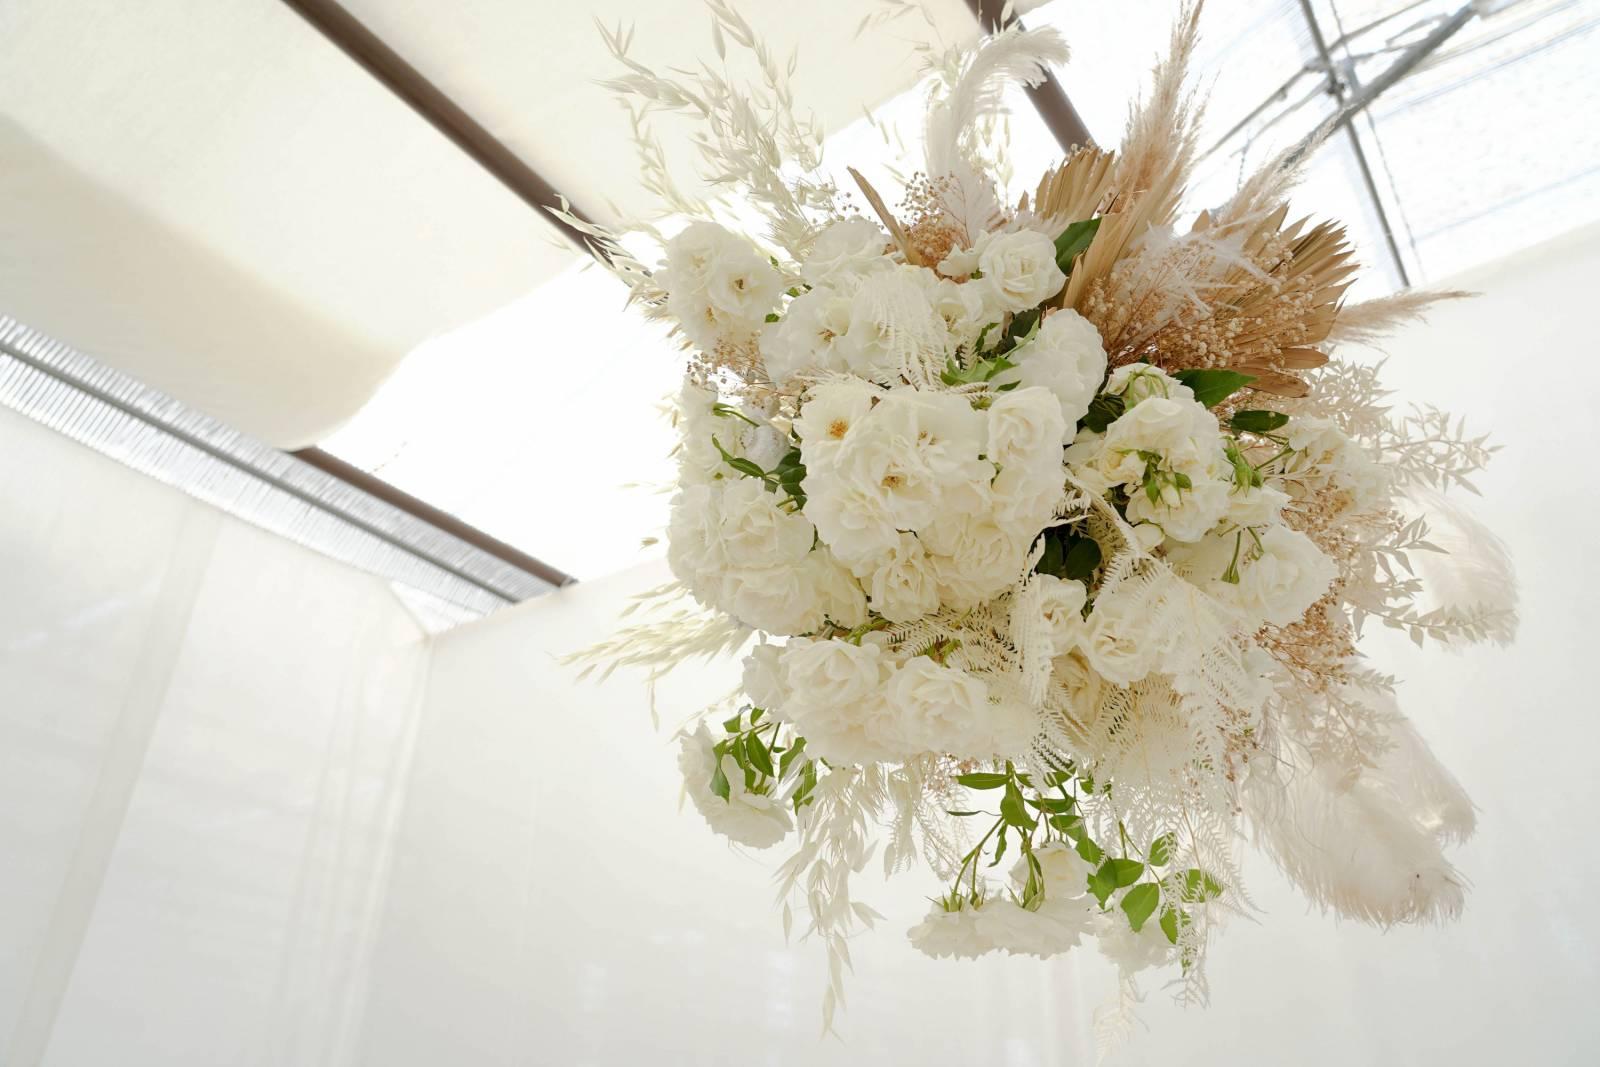 VIVA Blooming - wolk1 - House of Weddings